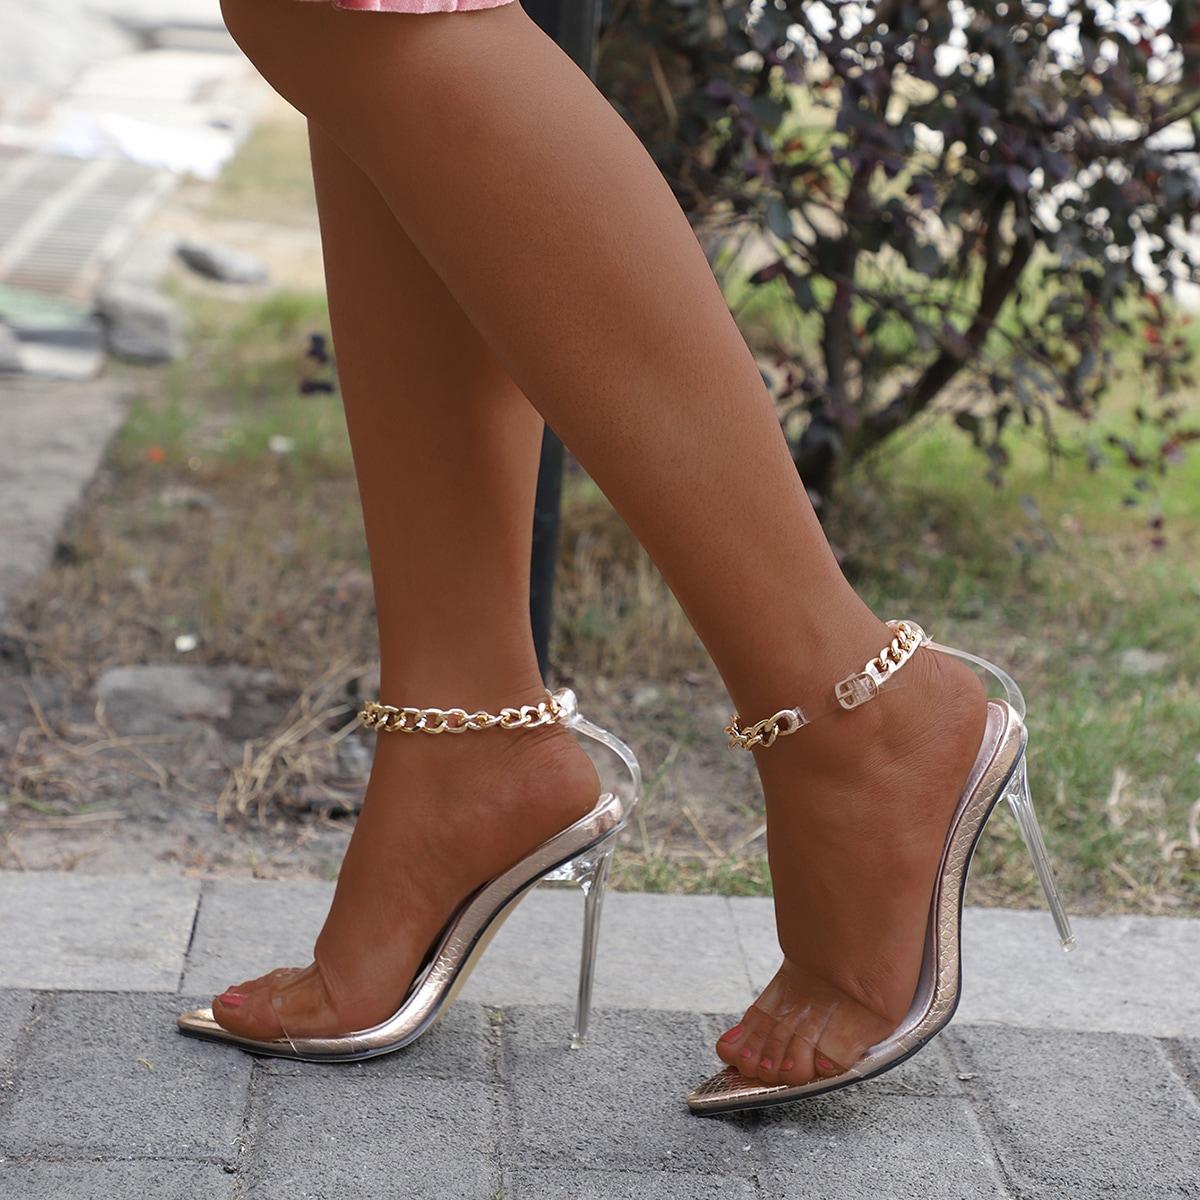 Прозрачные сандалии на шпильках с цепочкой